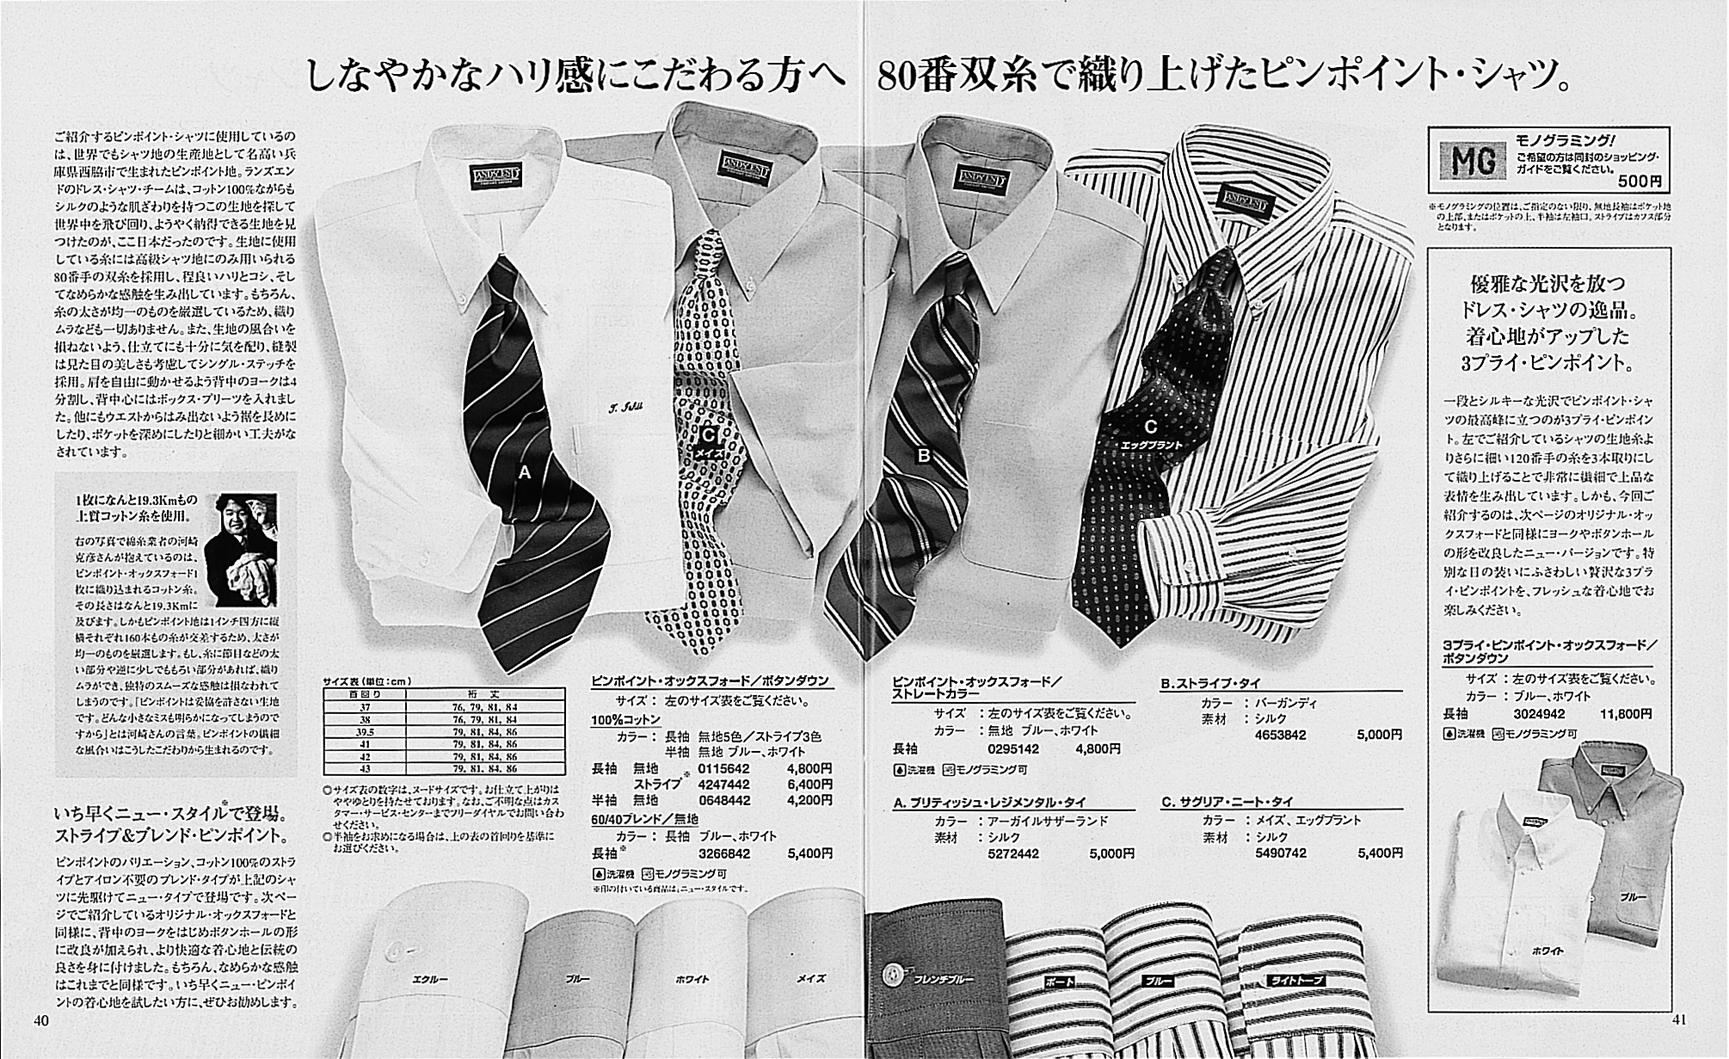 日本ランズエンド(株)スタート当初からモノグラミング・サービスの対象であったピンポイント・シャツのページ。モノグラミングは毎月、コンスタントに利用があるという